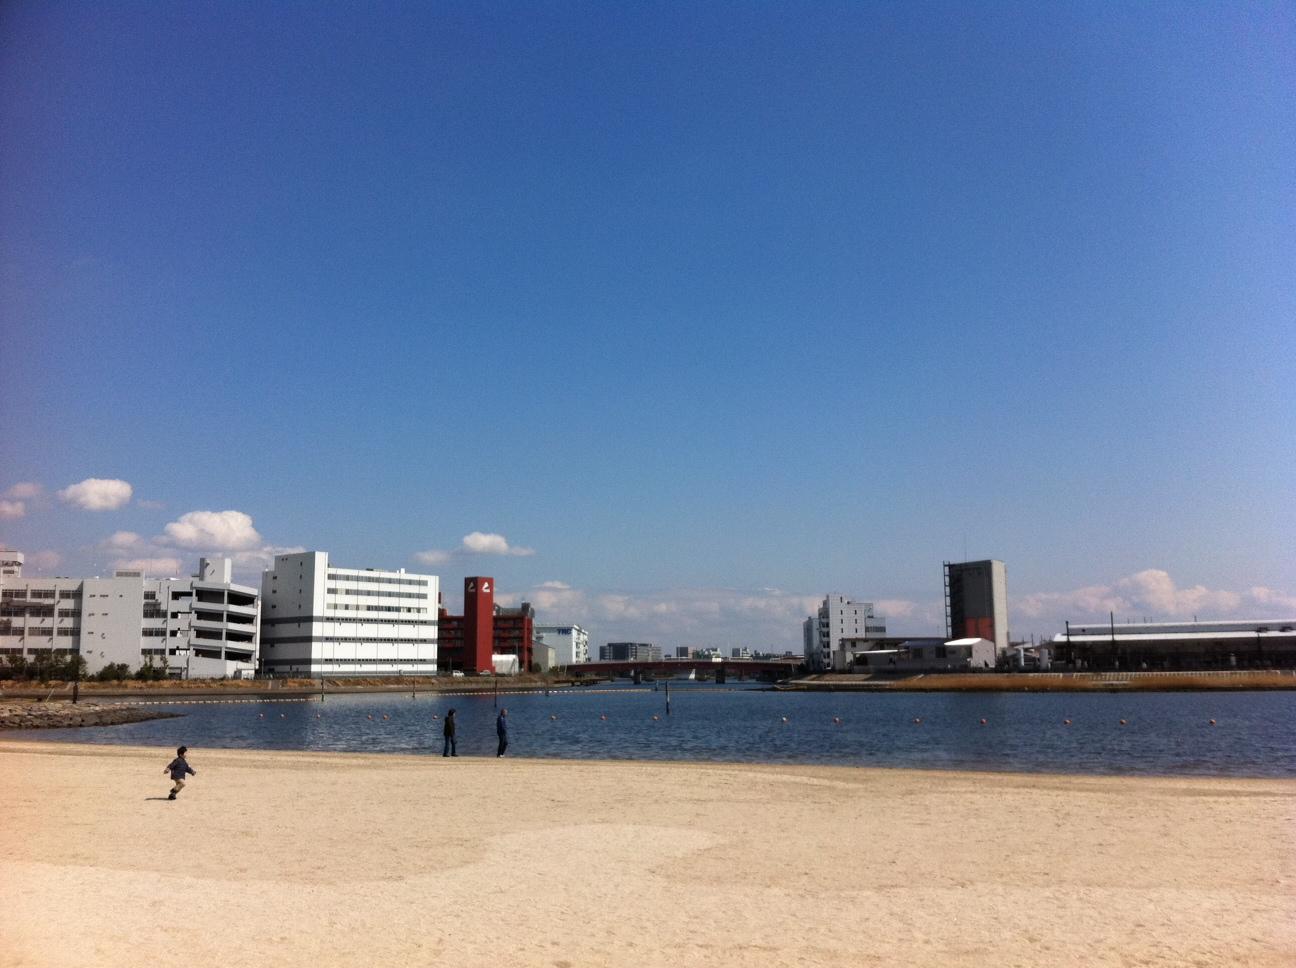 空と海のブルー。僕の命の原点「ふるはま公園。」②_a0112393_15644.jpg